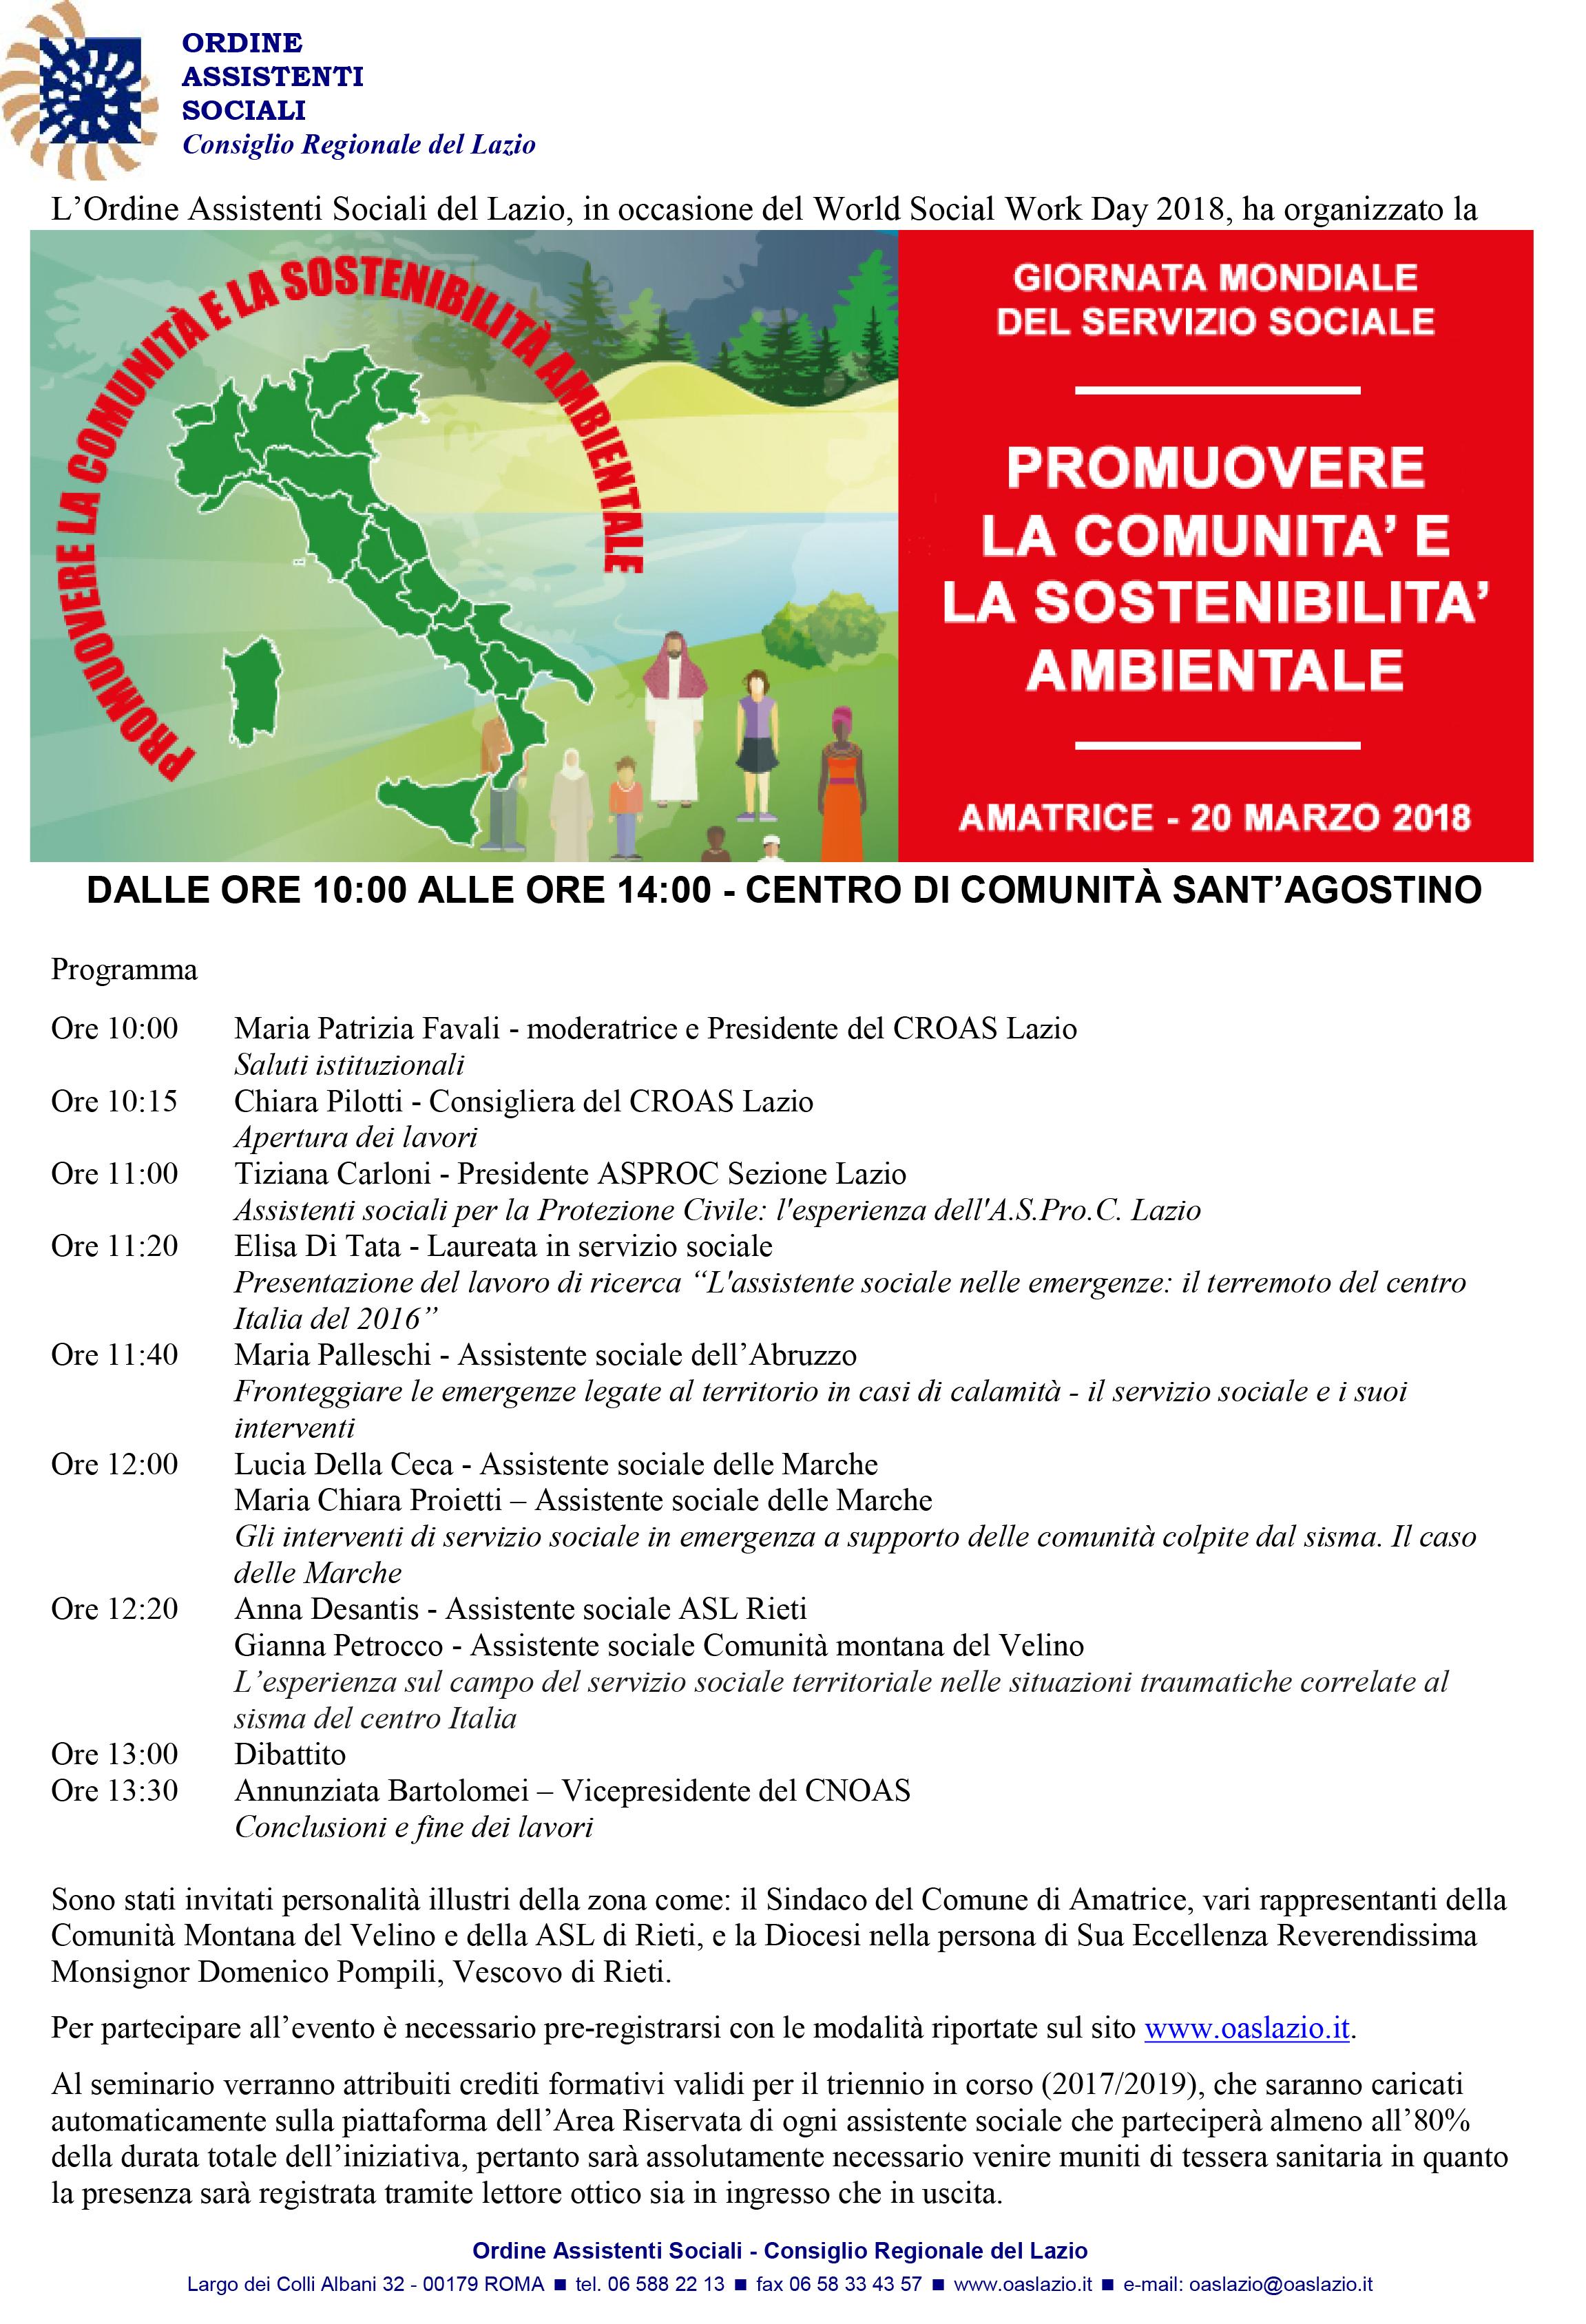 Ordine assistenti sociali Lazio: ad Amatrice Giornata Mondiale del Servizio Sociale